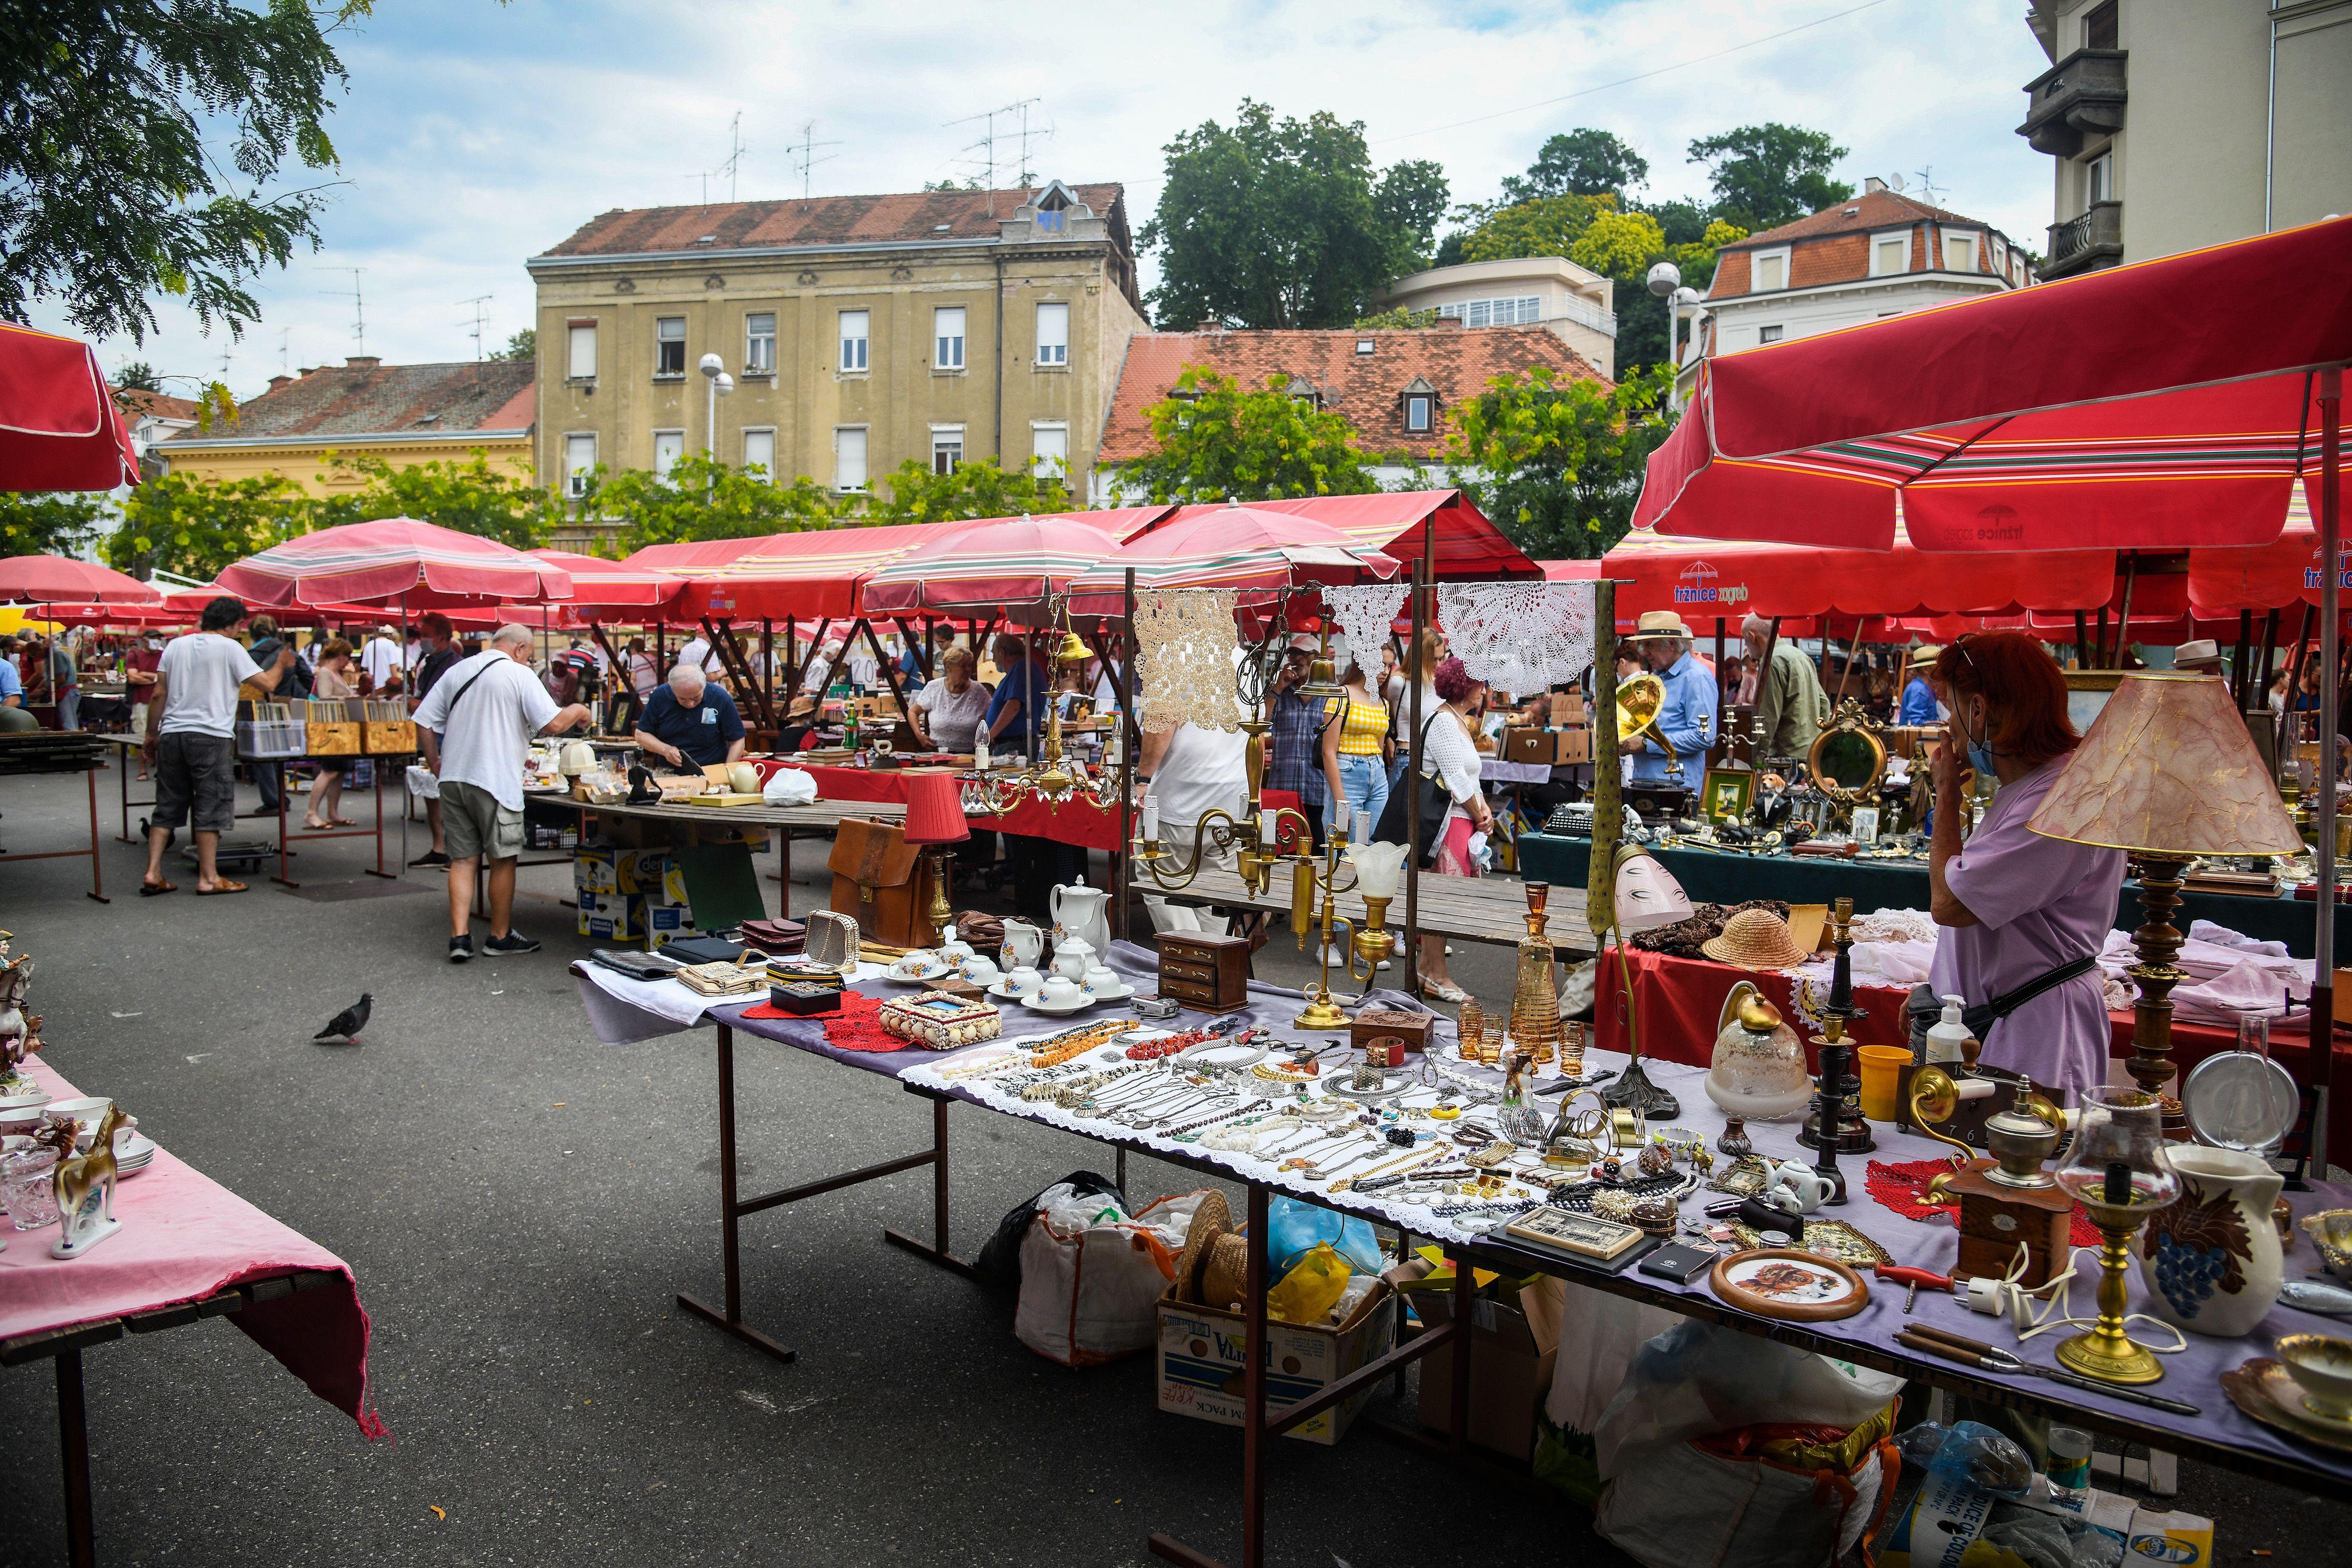 Priča s Britanca: Bili smo na nedjeljnom sajmu i razgovarali s izlagačima - prodaja ide loše, nedostaju turisti...